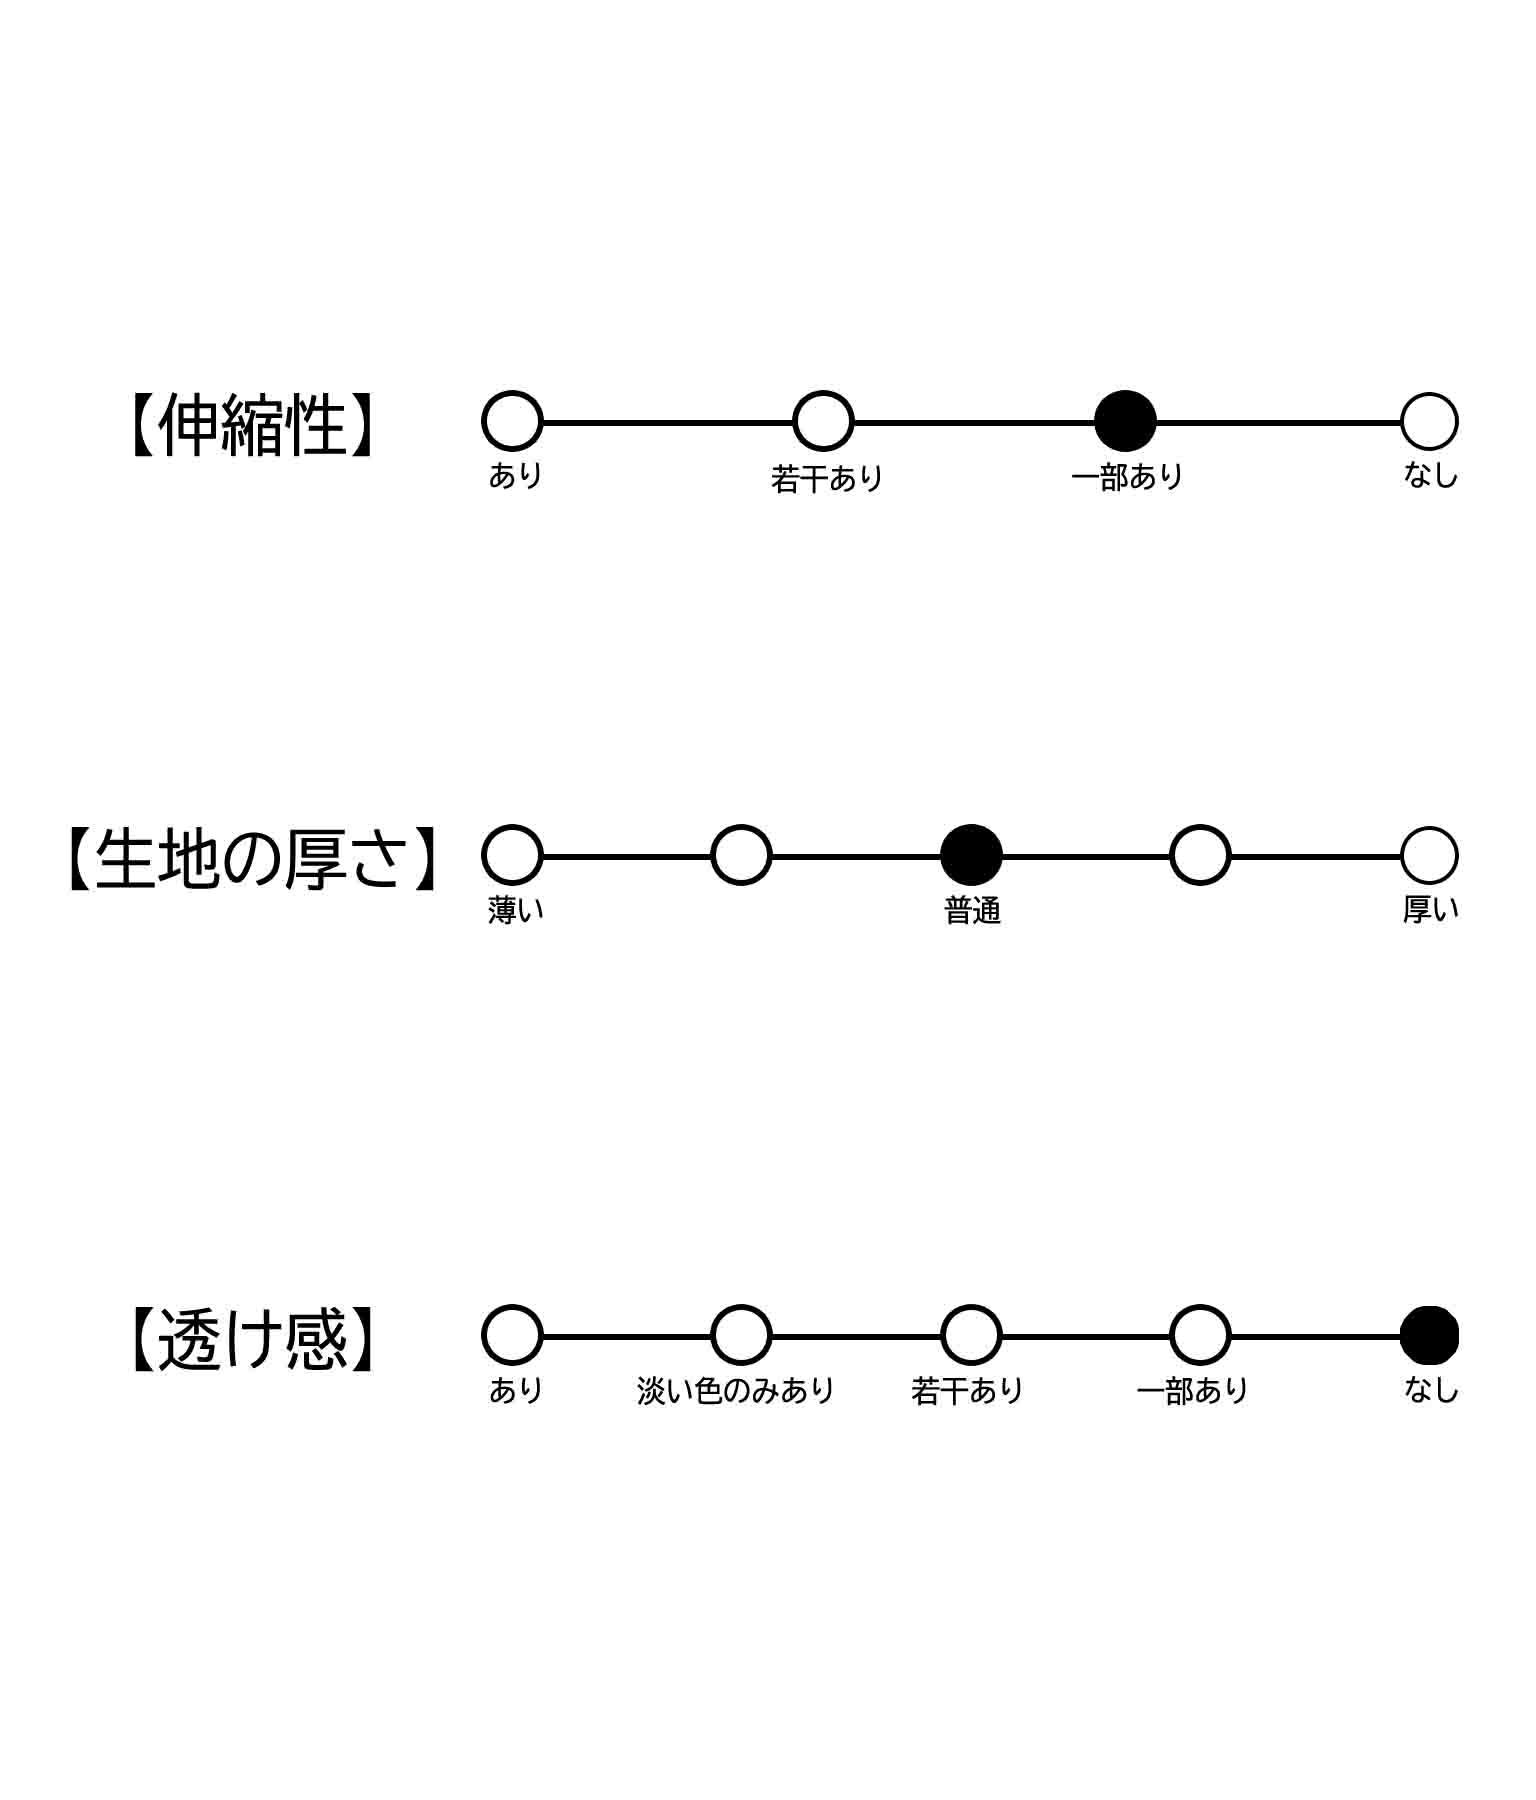 リブコンビレイヤード風チェックトップス(トップス/シャツ・ブラウス)   ANAP